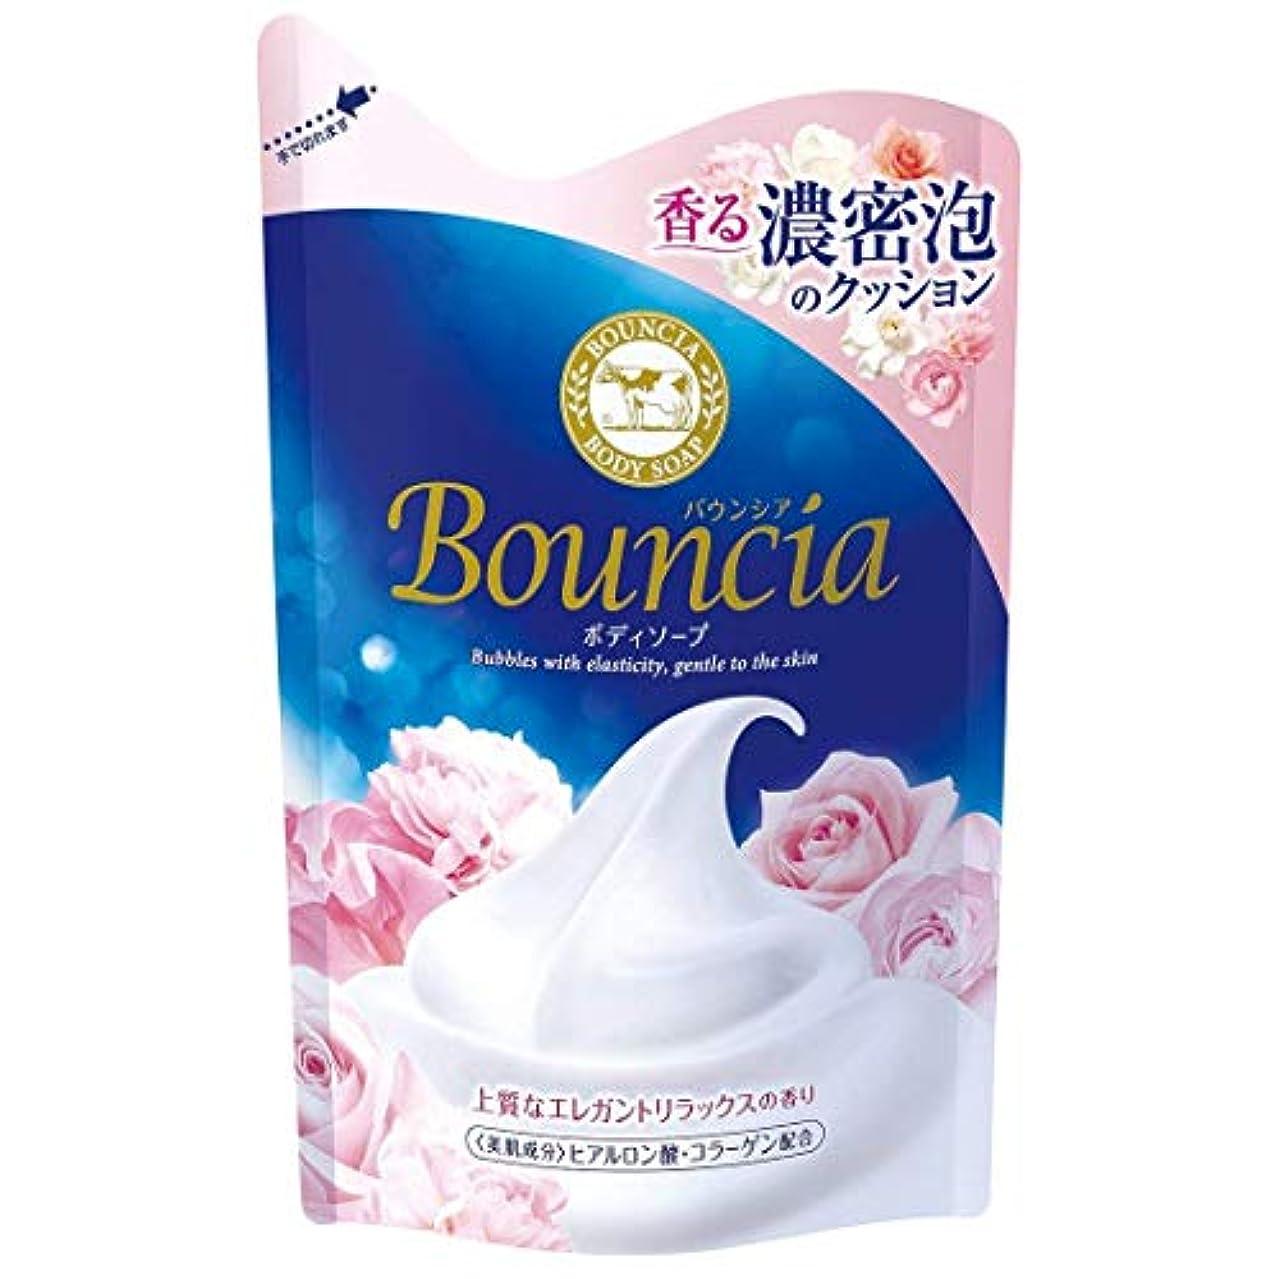 分布聖書曲げる【まとめ買い】 バウンシア ボディソープ エレガントリラックスの香り つめかえ用 430ml × 3個